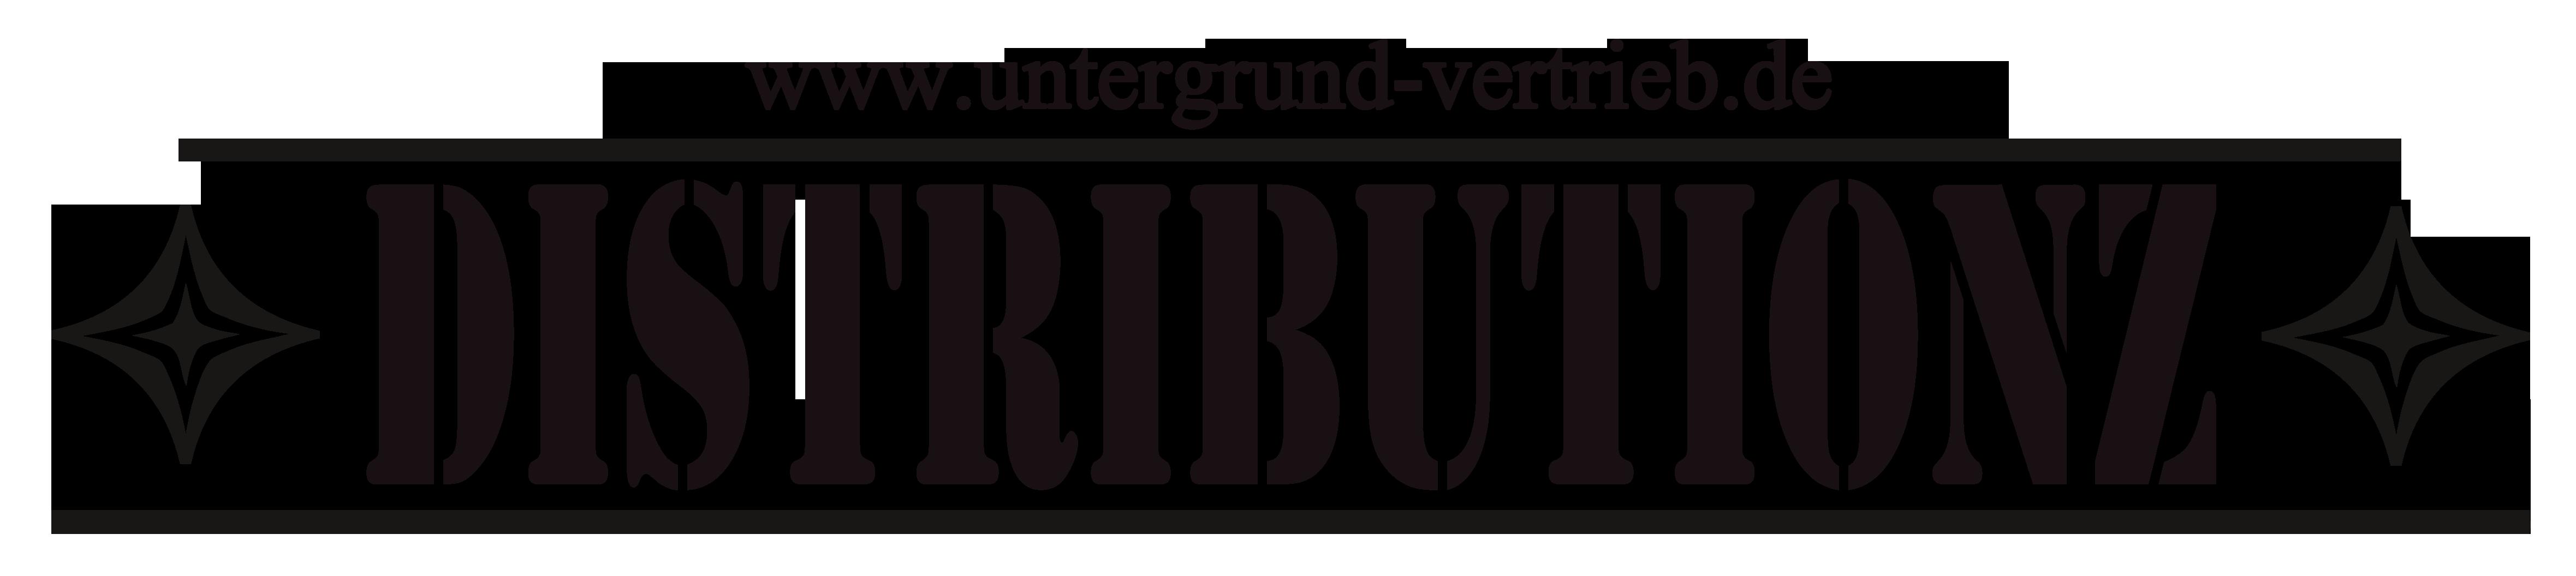 DISTRIBUTIONZ - zur Startseite wechseln